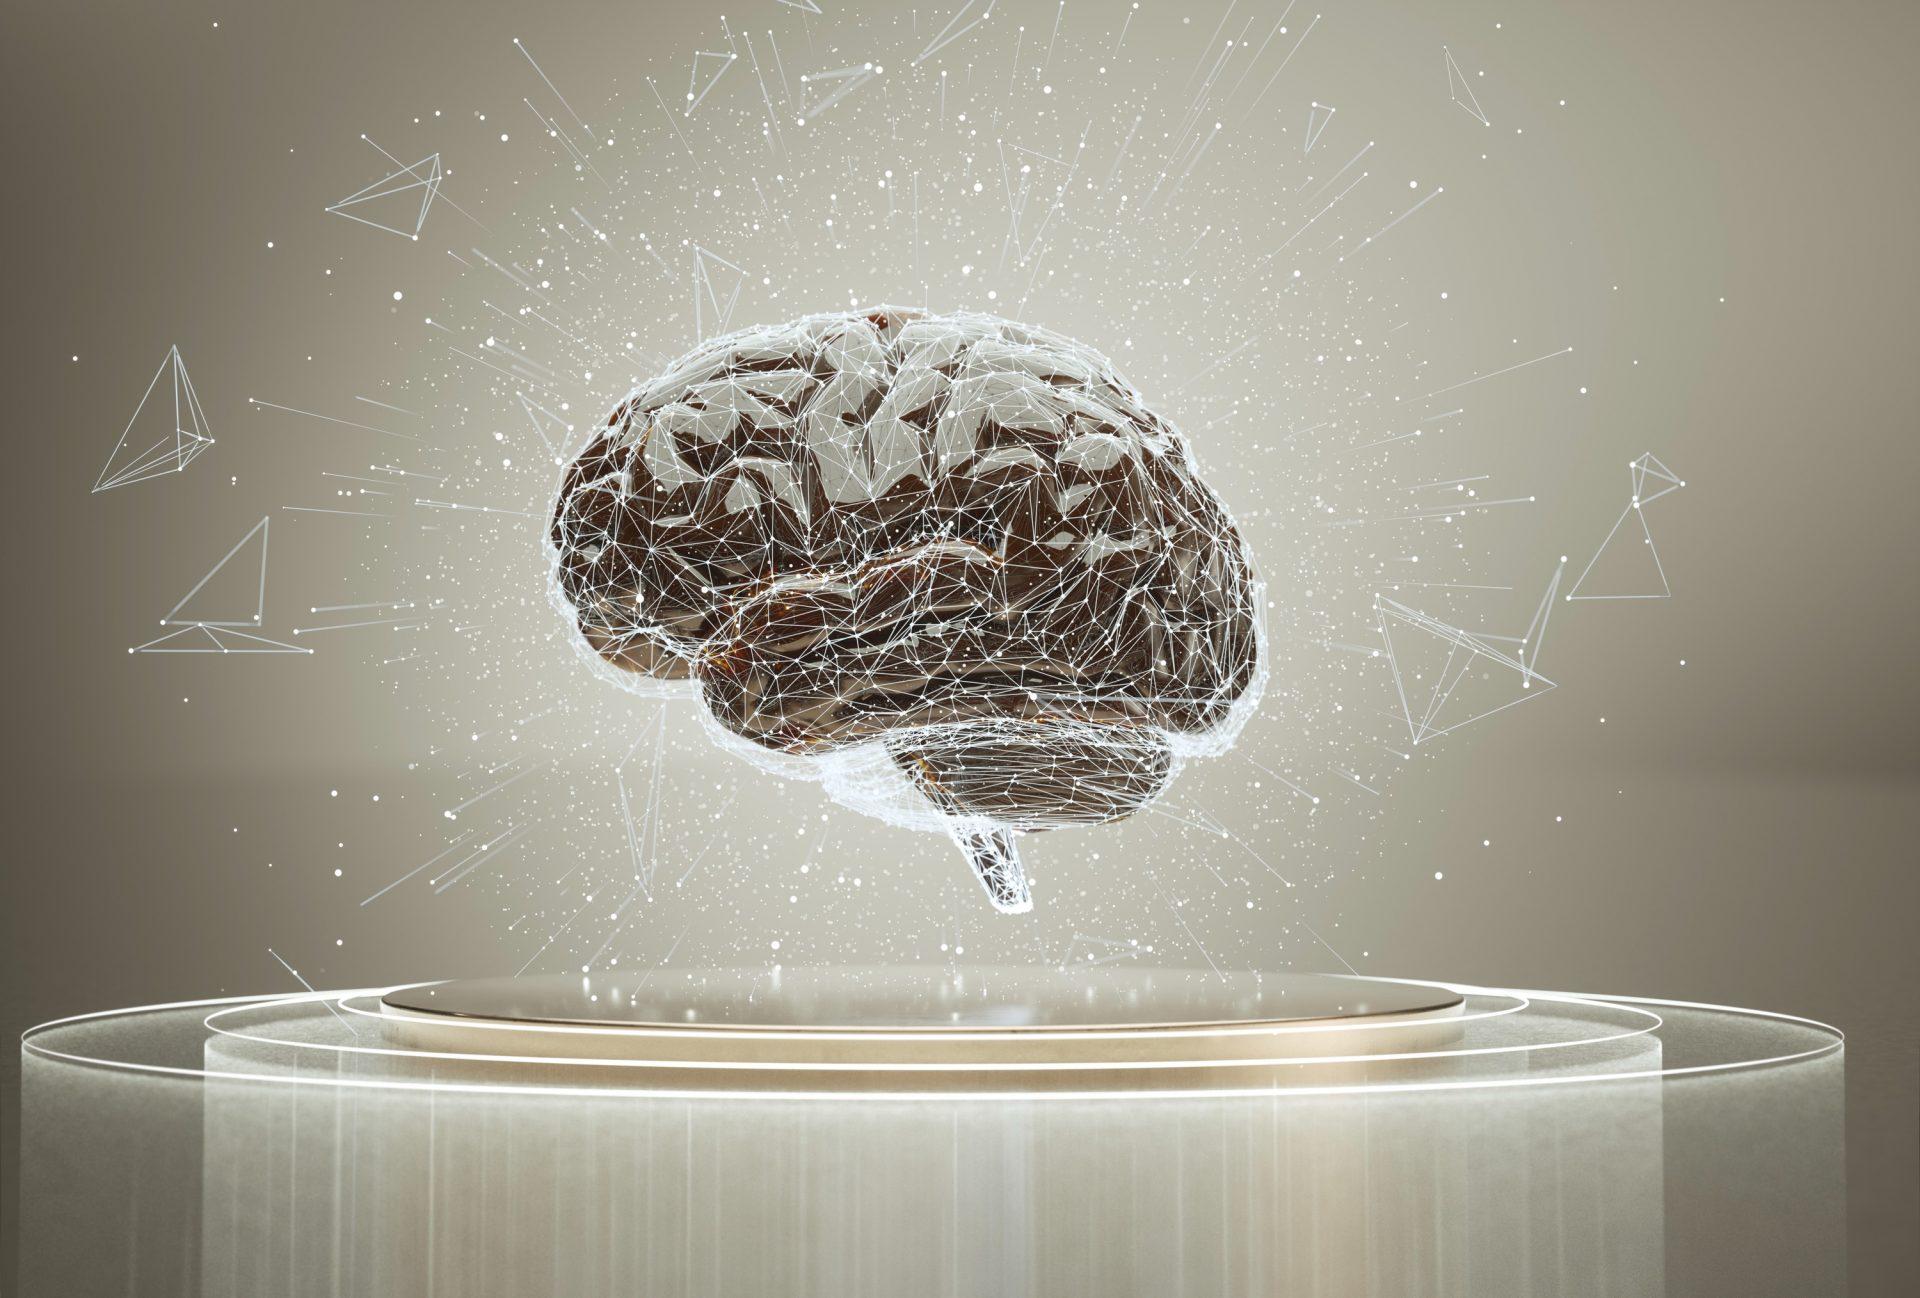 人工知能はいつ人間の感性まで乗っ取るのか?!